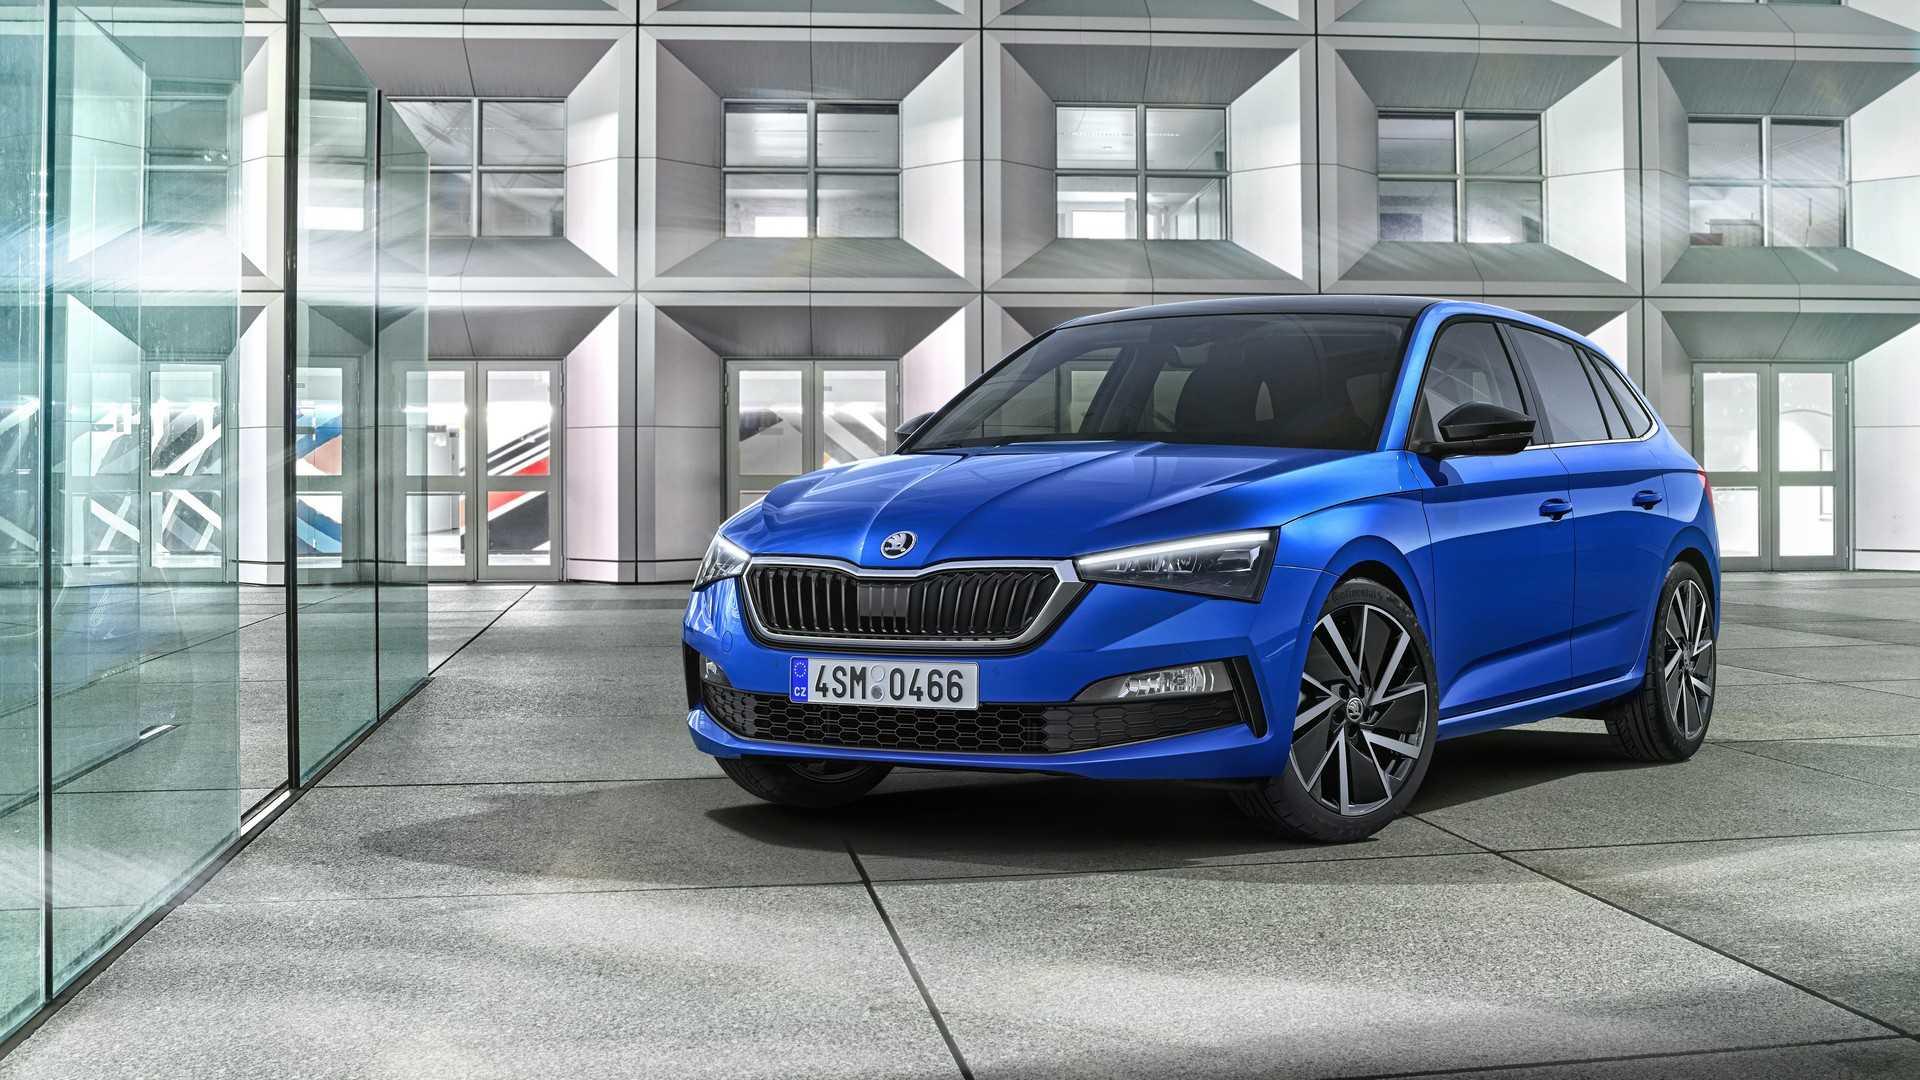 В Тель-Авиве автомобилестроительная компания «Шкода» представила новую модель – хэтчбек гольф-класса Scala, который заменит собой Rapid